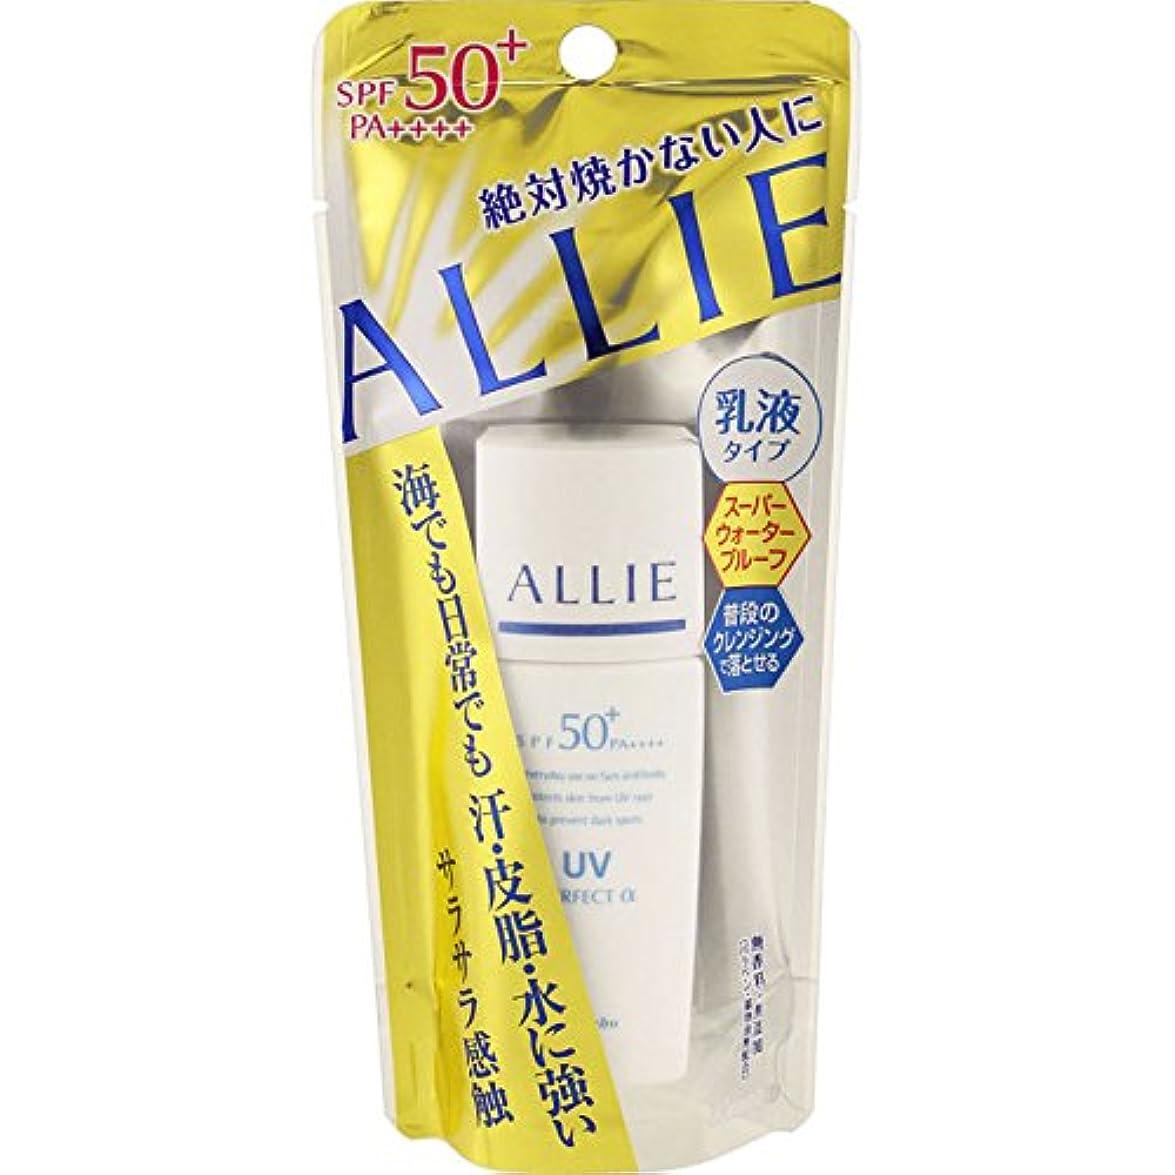 【カネボウ】 ALLIE(アリィー) エクストラUVプロテクター(パーフェクトアルファ)S 25mlミニ (SPF50+/PA+++)